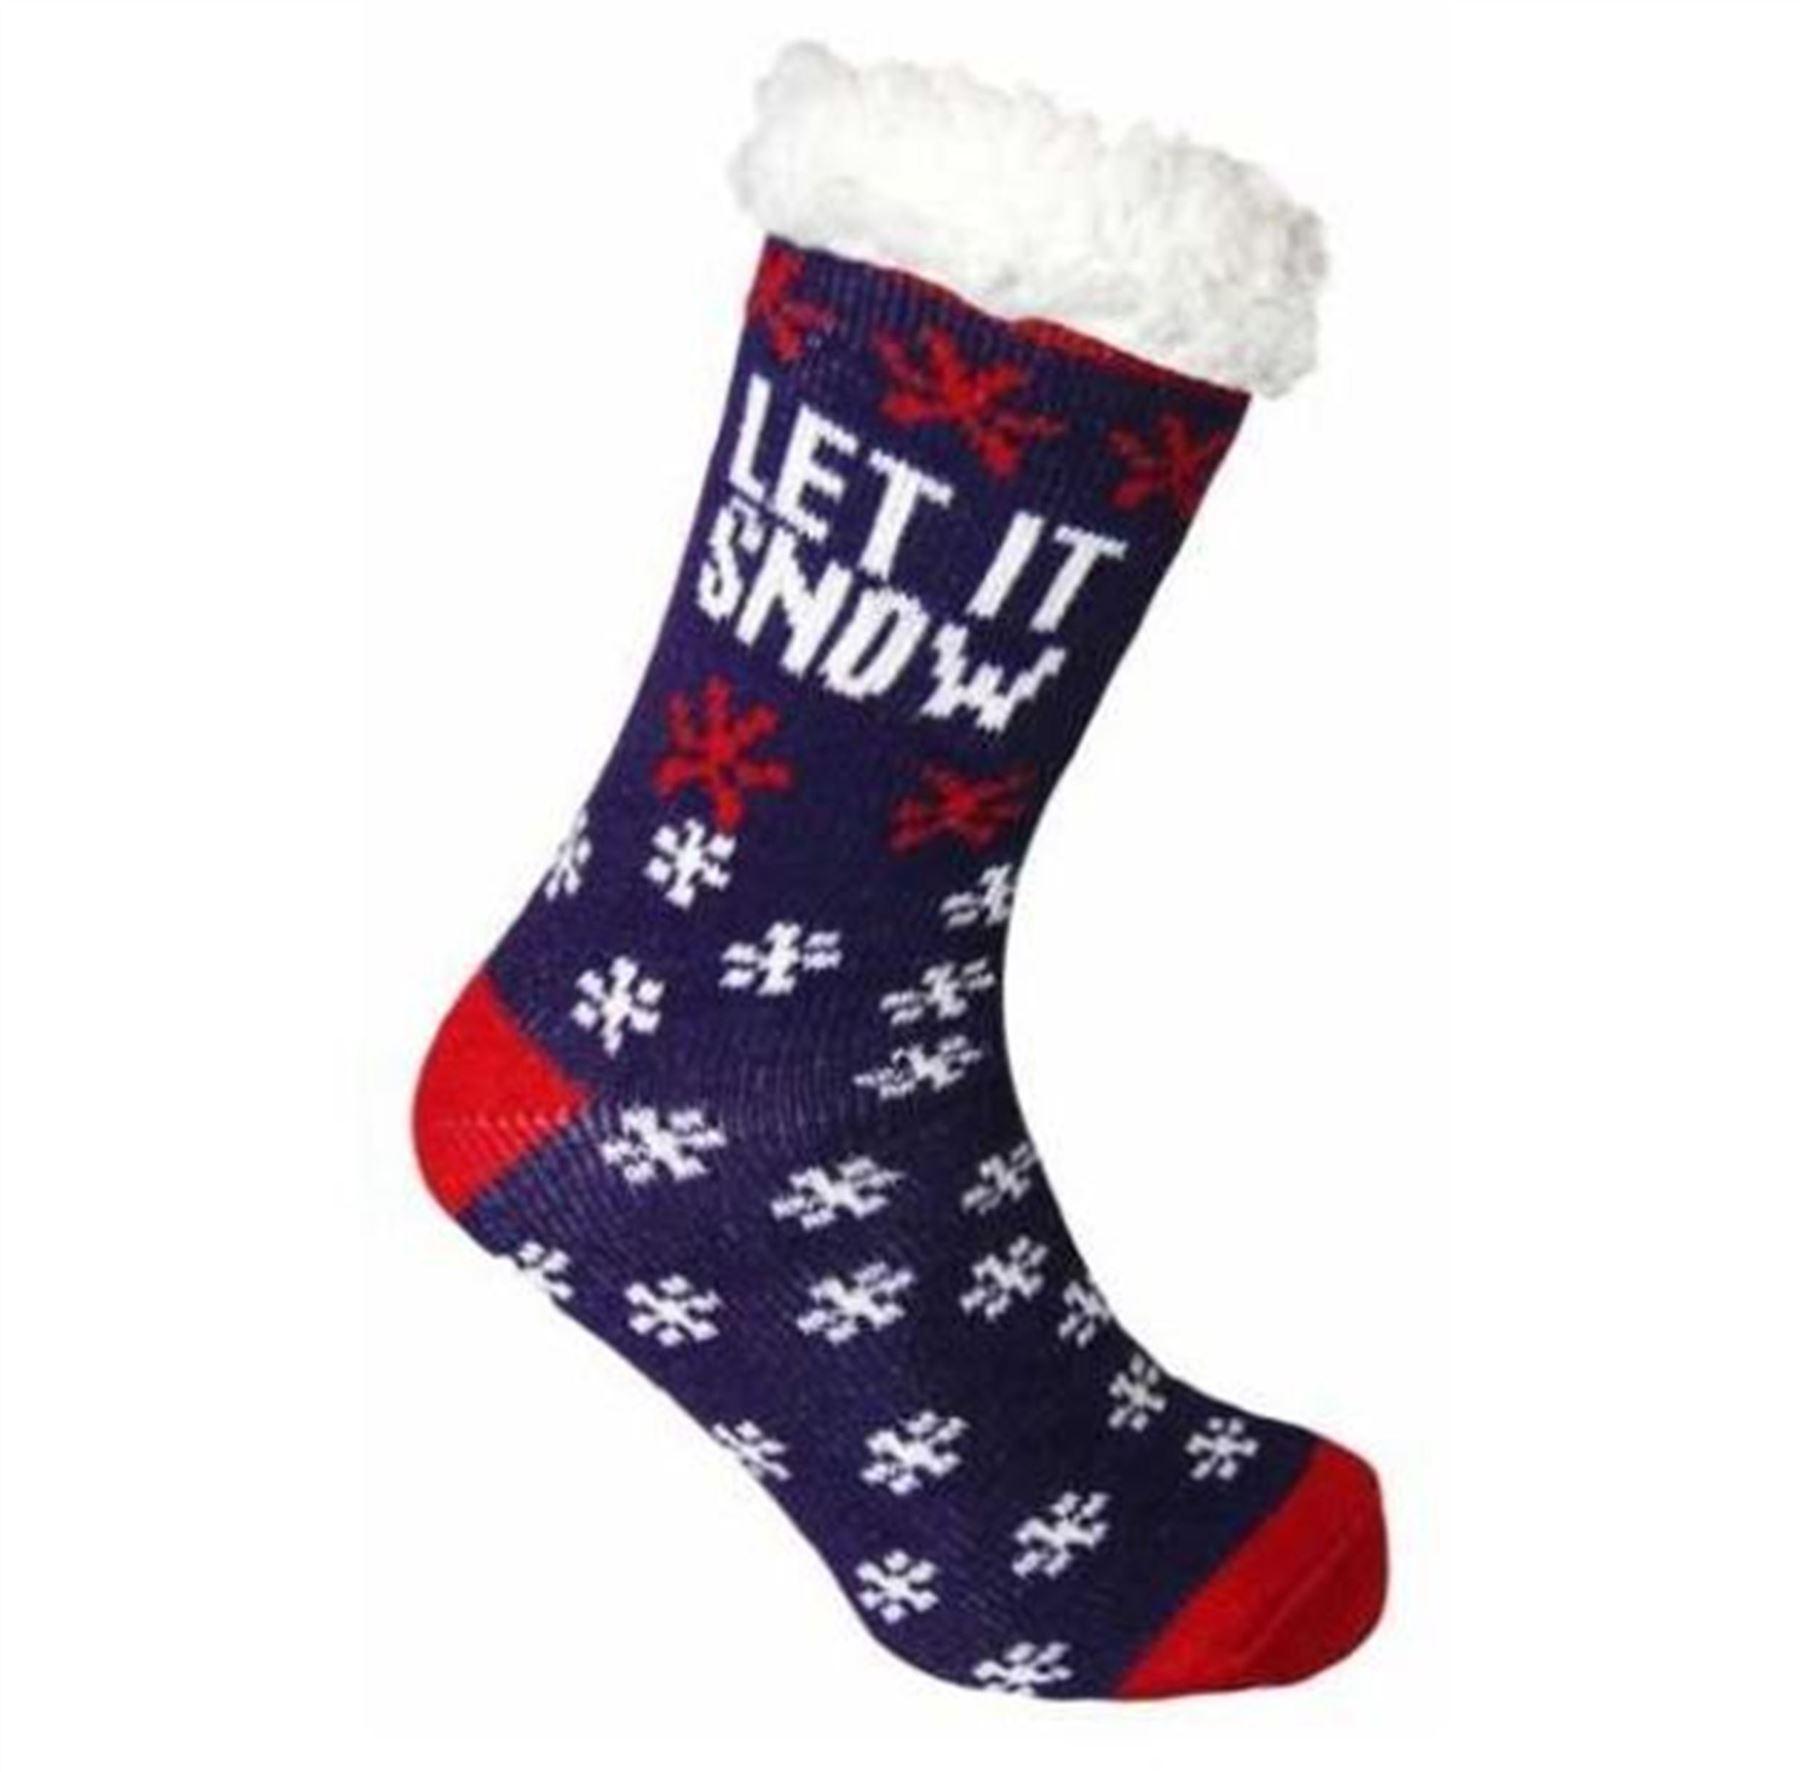 mens fleece lined socks. filter results. Type. Boot liner socks (14) Boot liner socks. activewear pants (3) activewear pants. Cargo pants (1) Cargo pants. Chino pants (1) Chino pants. Brand. C9 Champion (13) C9 Champion. Dickies (5) Dickies. Wrangler (1) Wrangler. Shipping & Pickup. buy online & pick up.